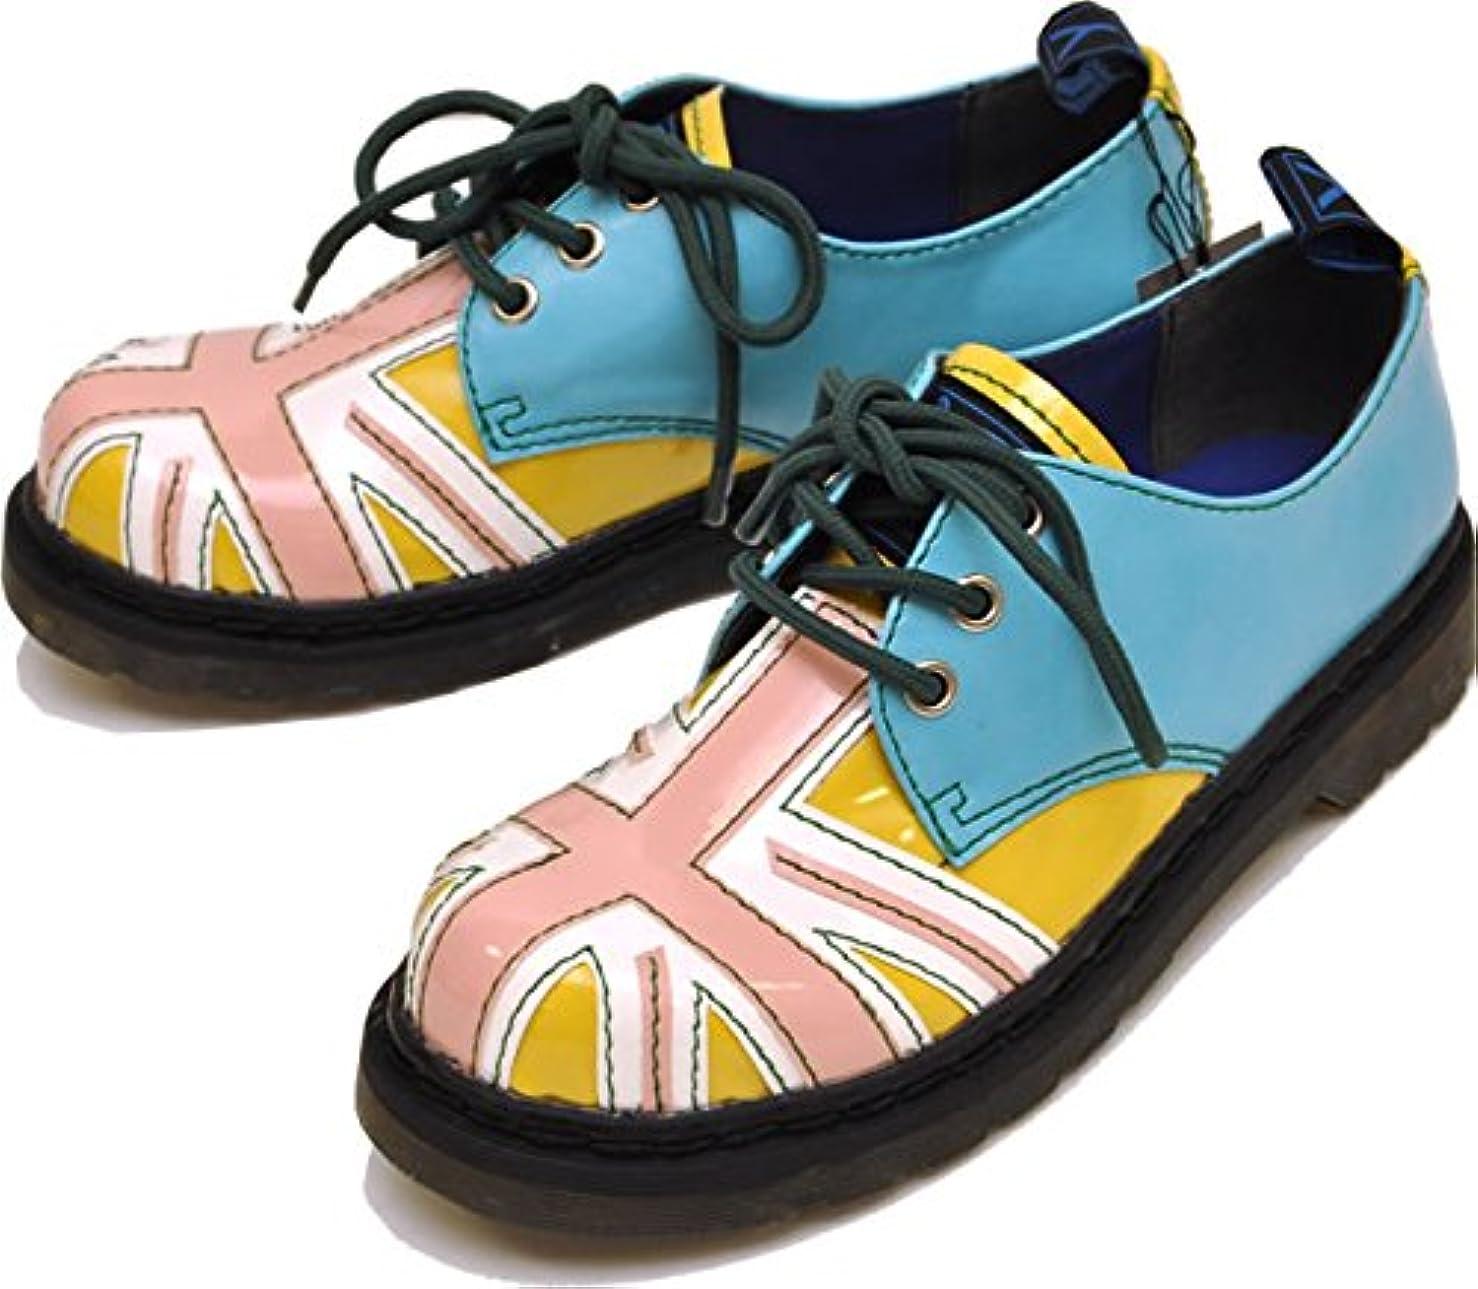 不利許可する飽和するYOSUKE U.S.A ヨースケ 靴 レースアップシューズ ユニオンジャック おでこ靴 ゴスロリ コスプレ ロック パンク